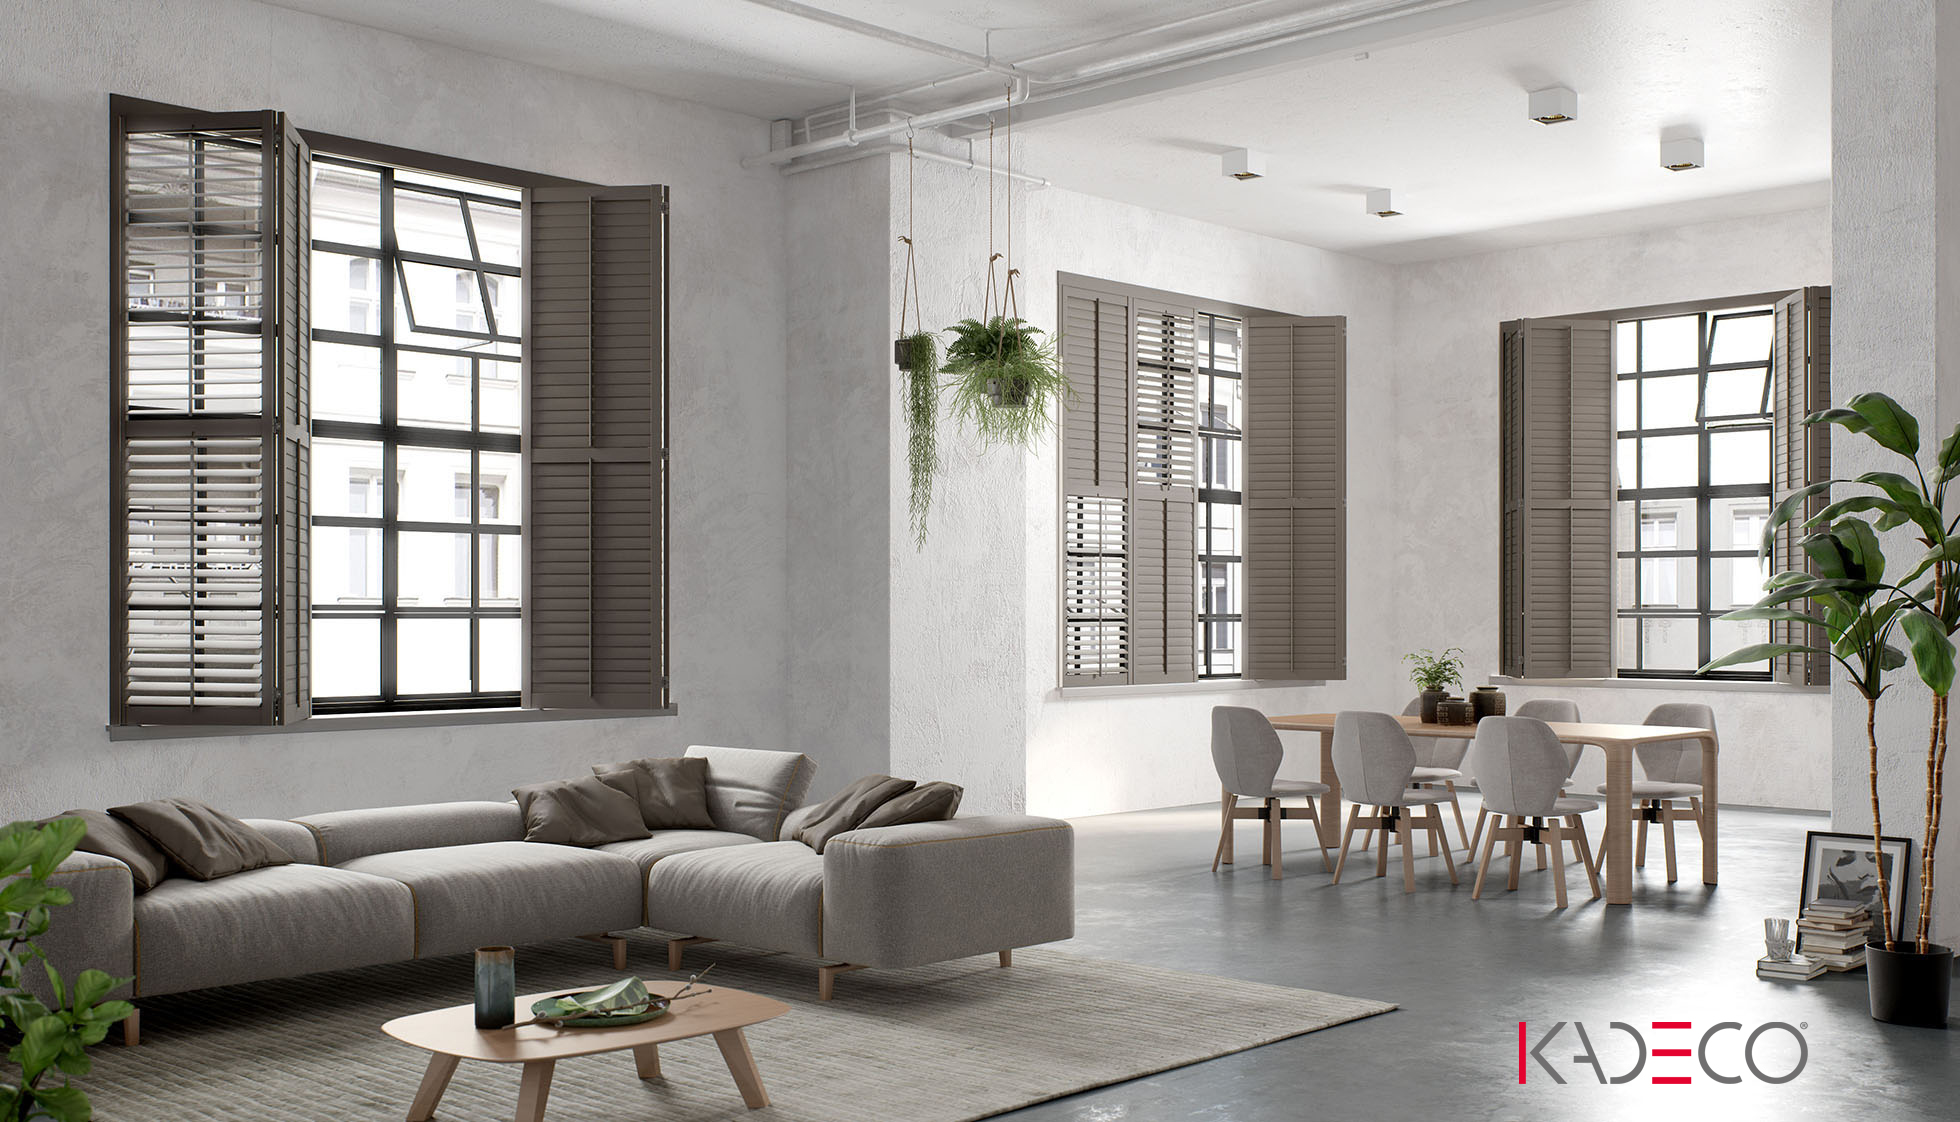 KADECO Shutter Faltklappen halb geöffnet im modernen ohnzimmer, Farbe braun